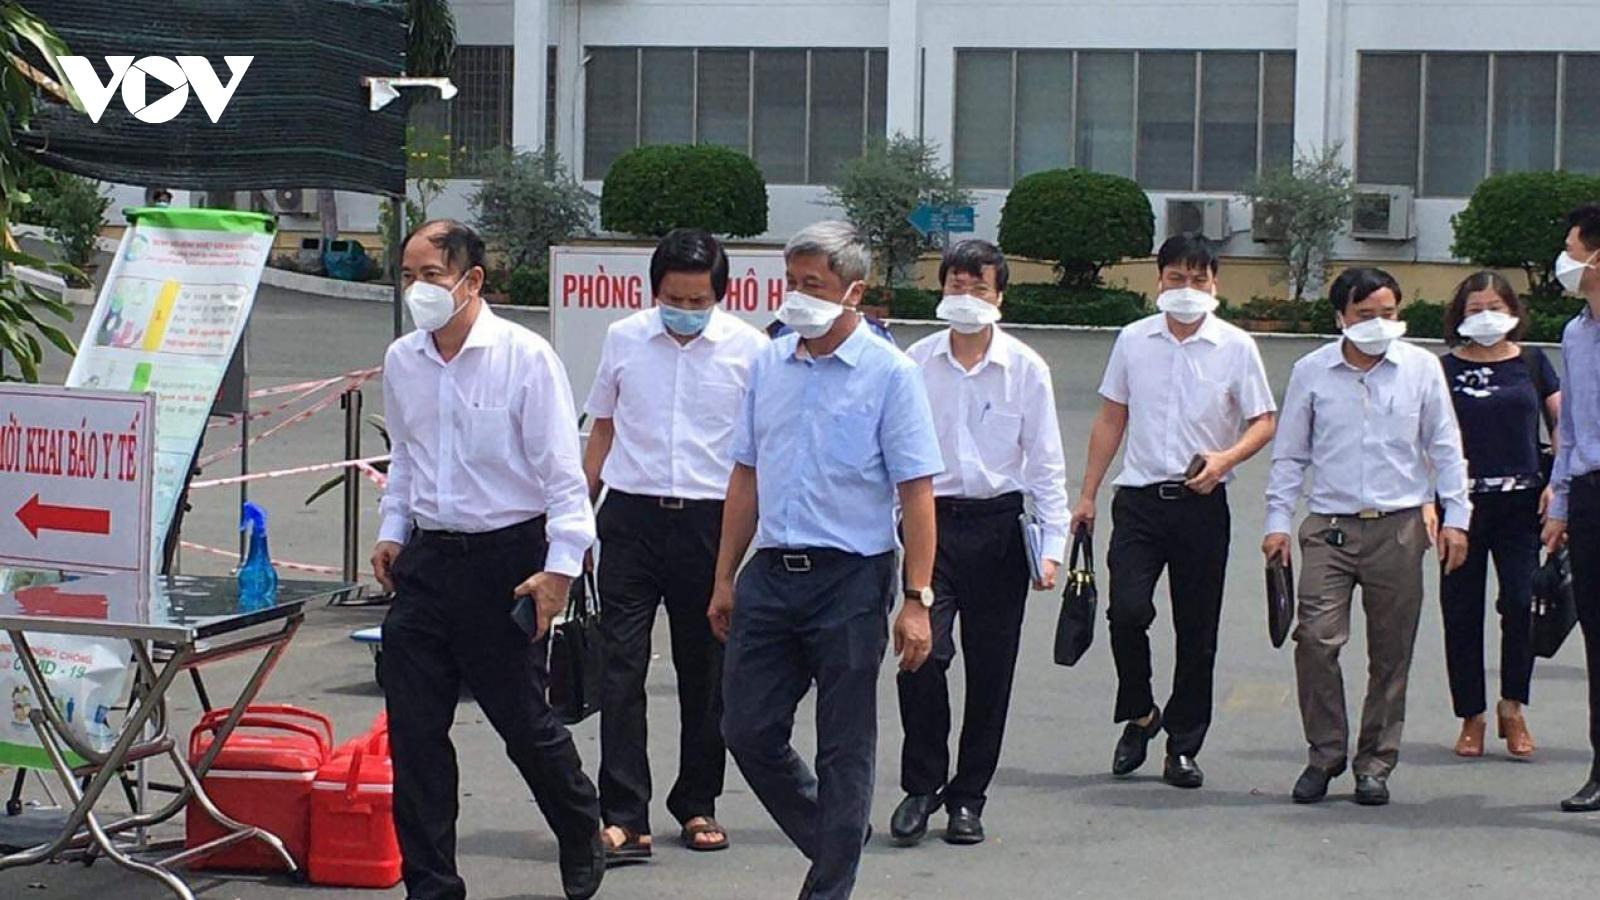 Thứ trưởng Bộ Y tế vàochỉ đạo BV Bệnh nhiệt đới TP.HCM sau 22 ca nhiễm Covid-19